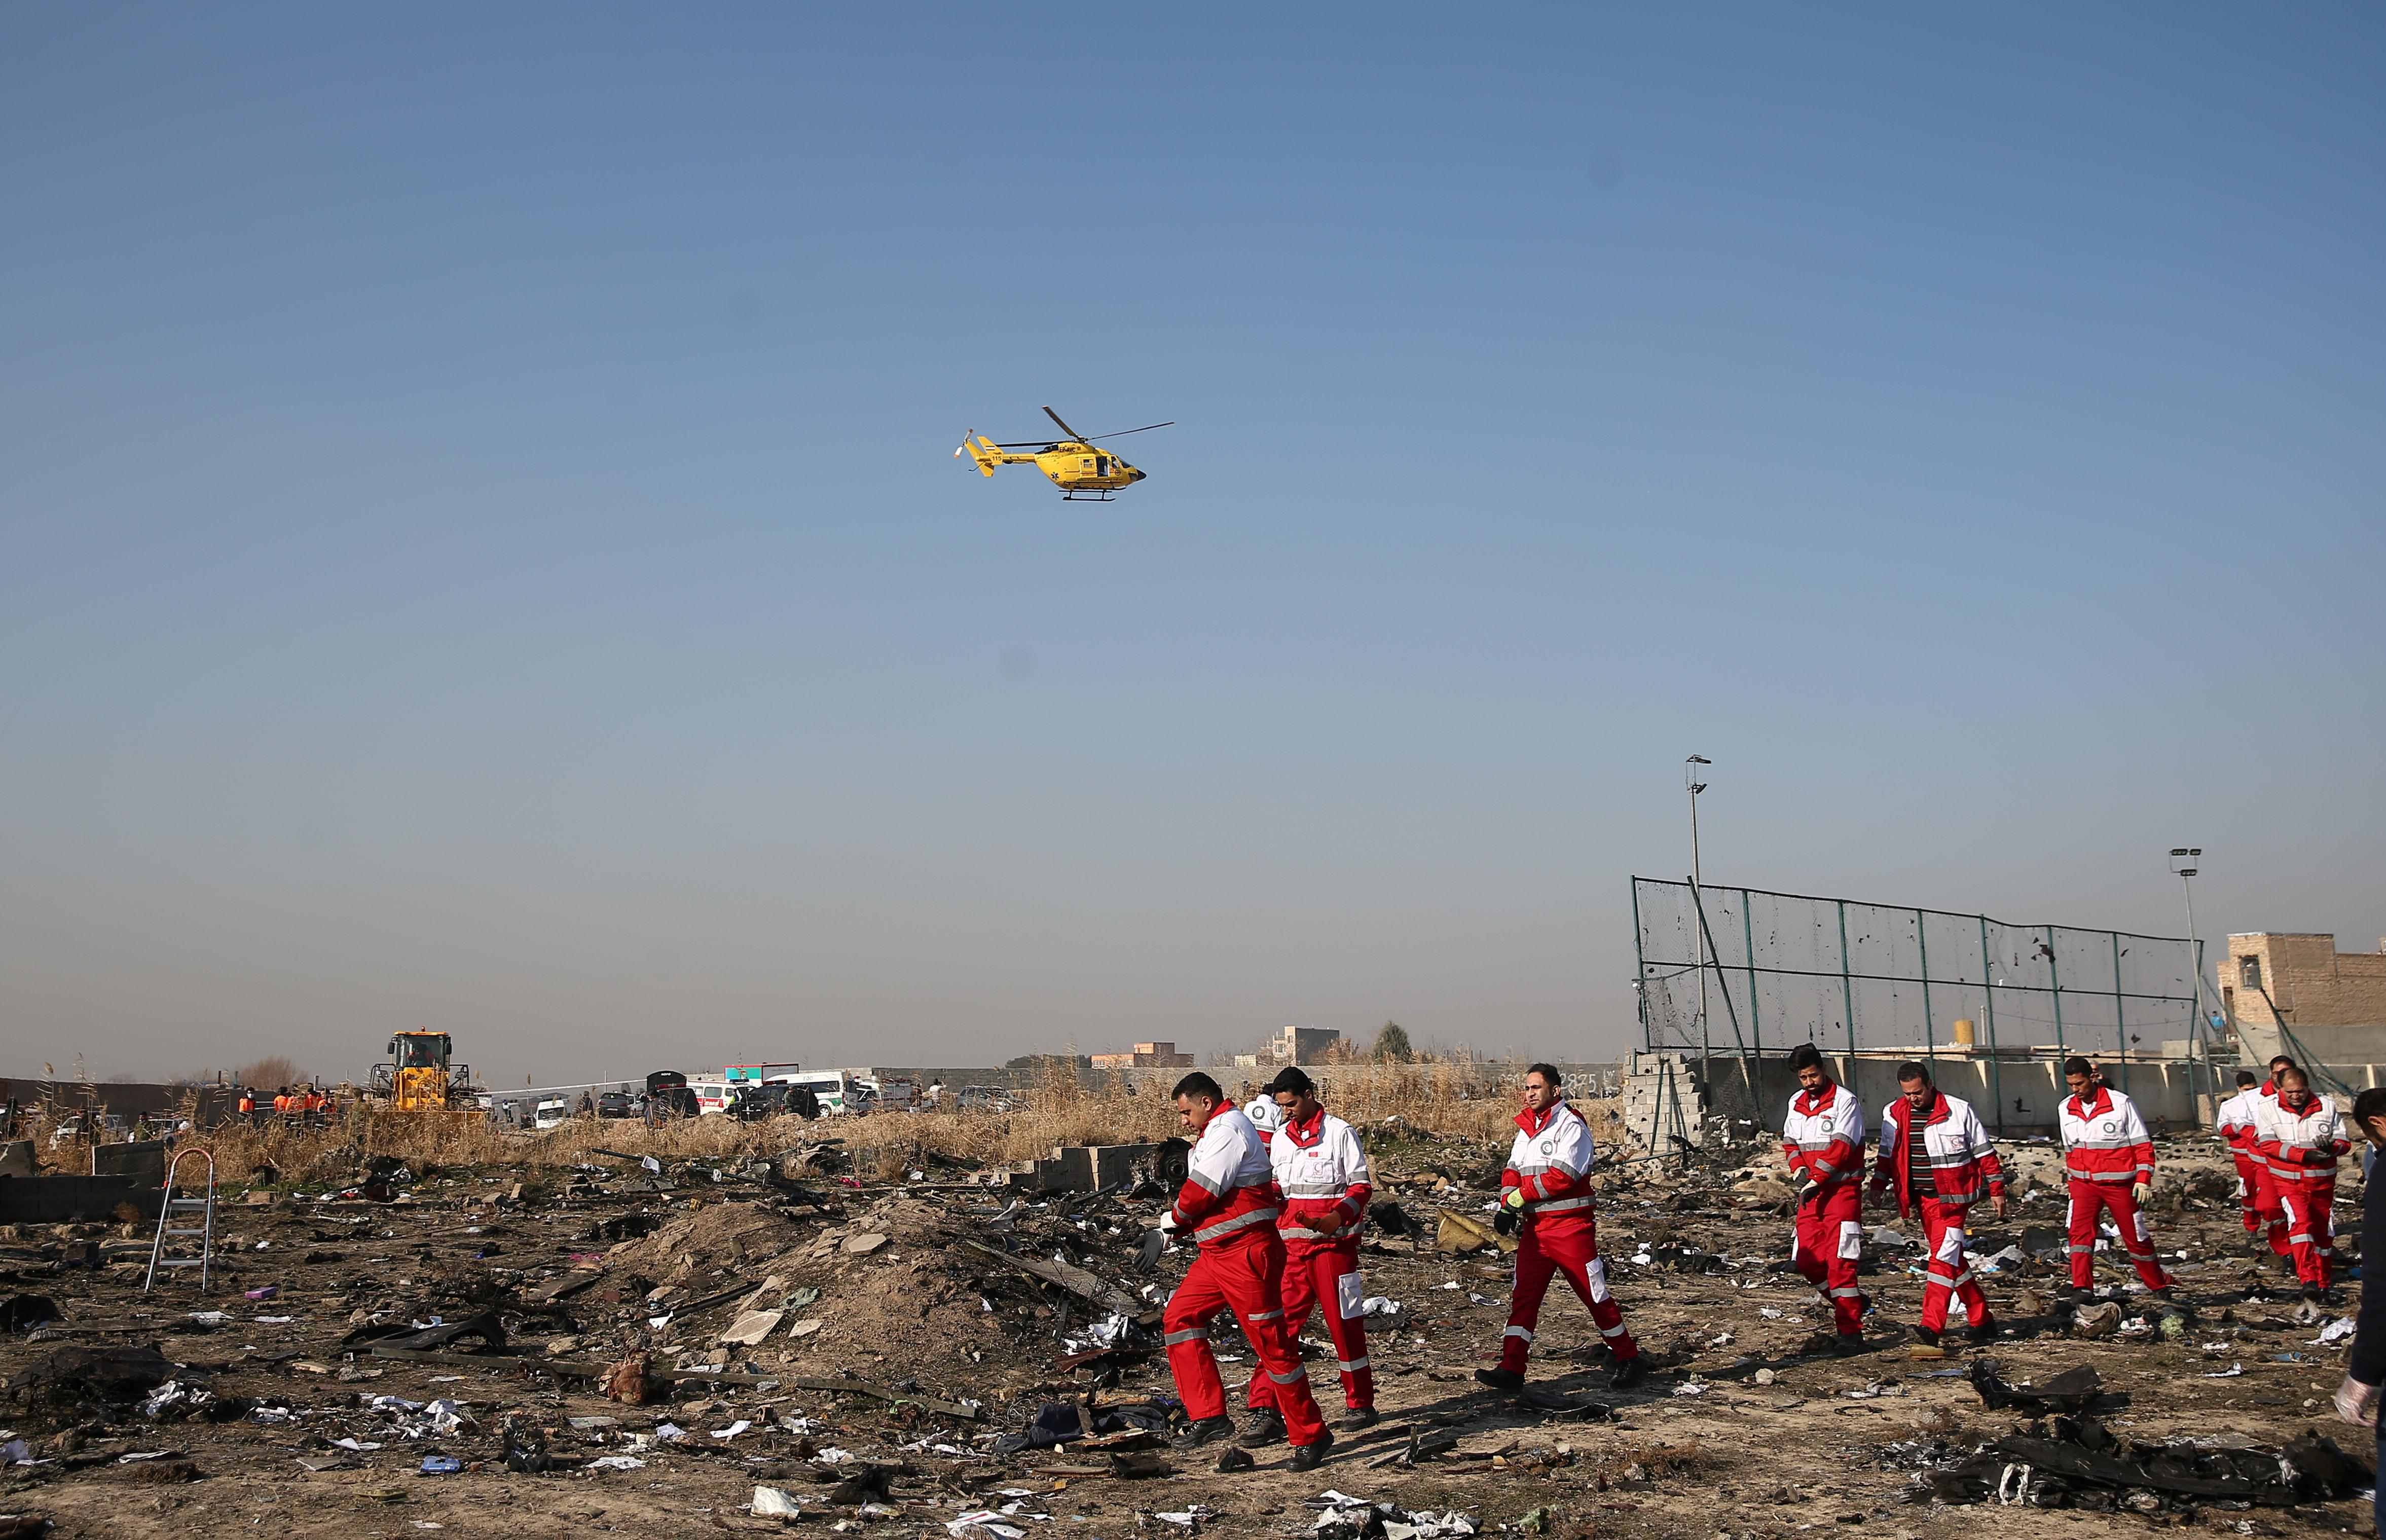 Rescatistas y un helicóptero en el lugar del accidente (REUTERS)